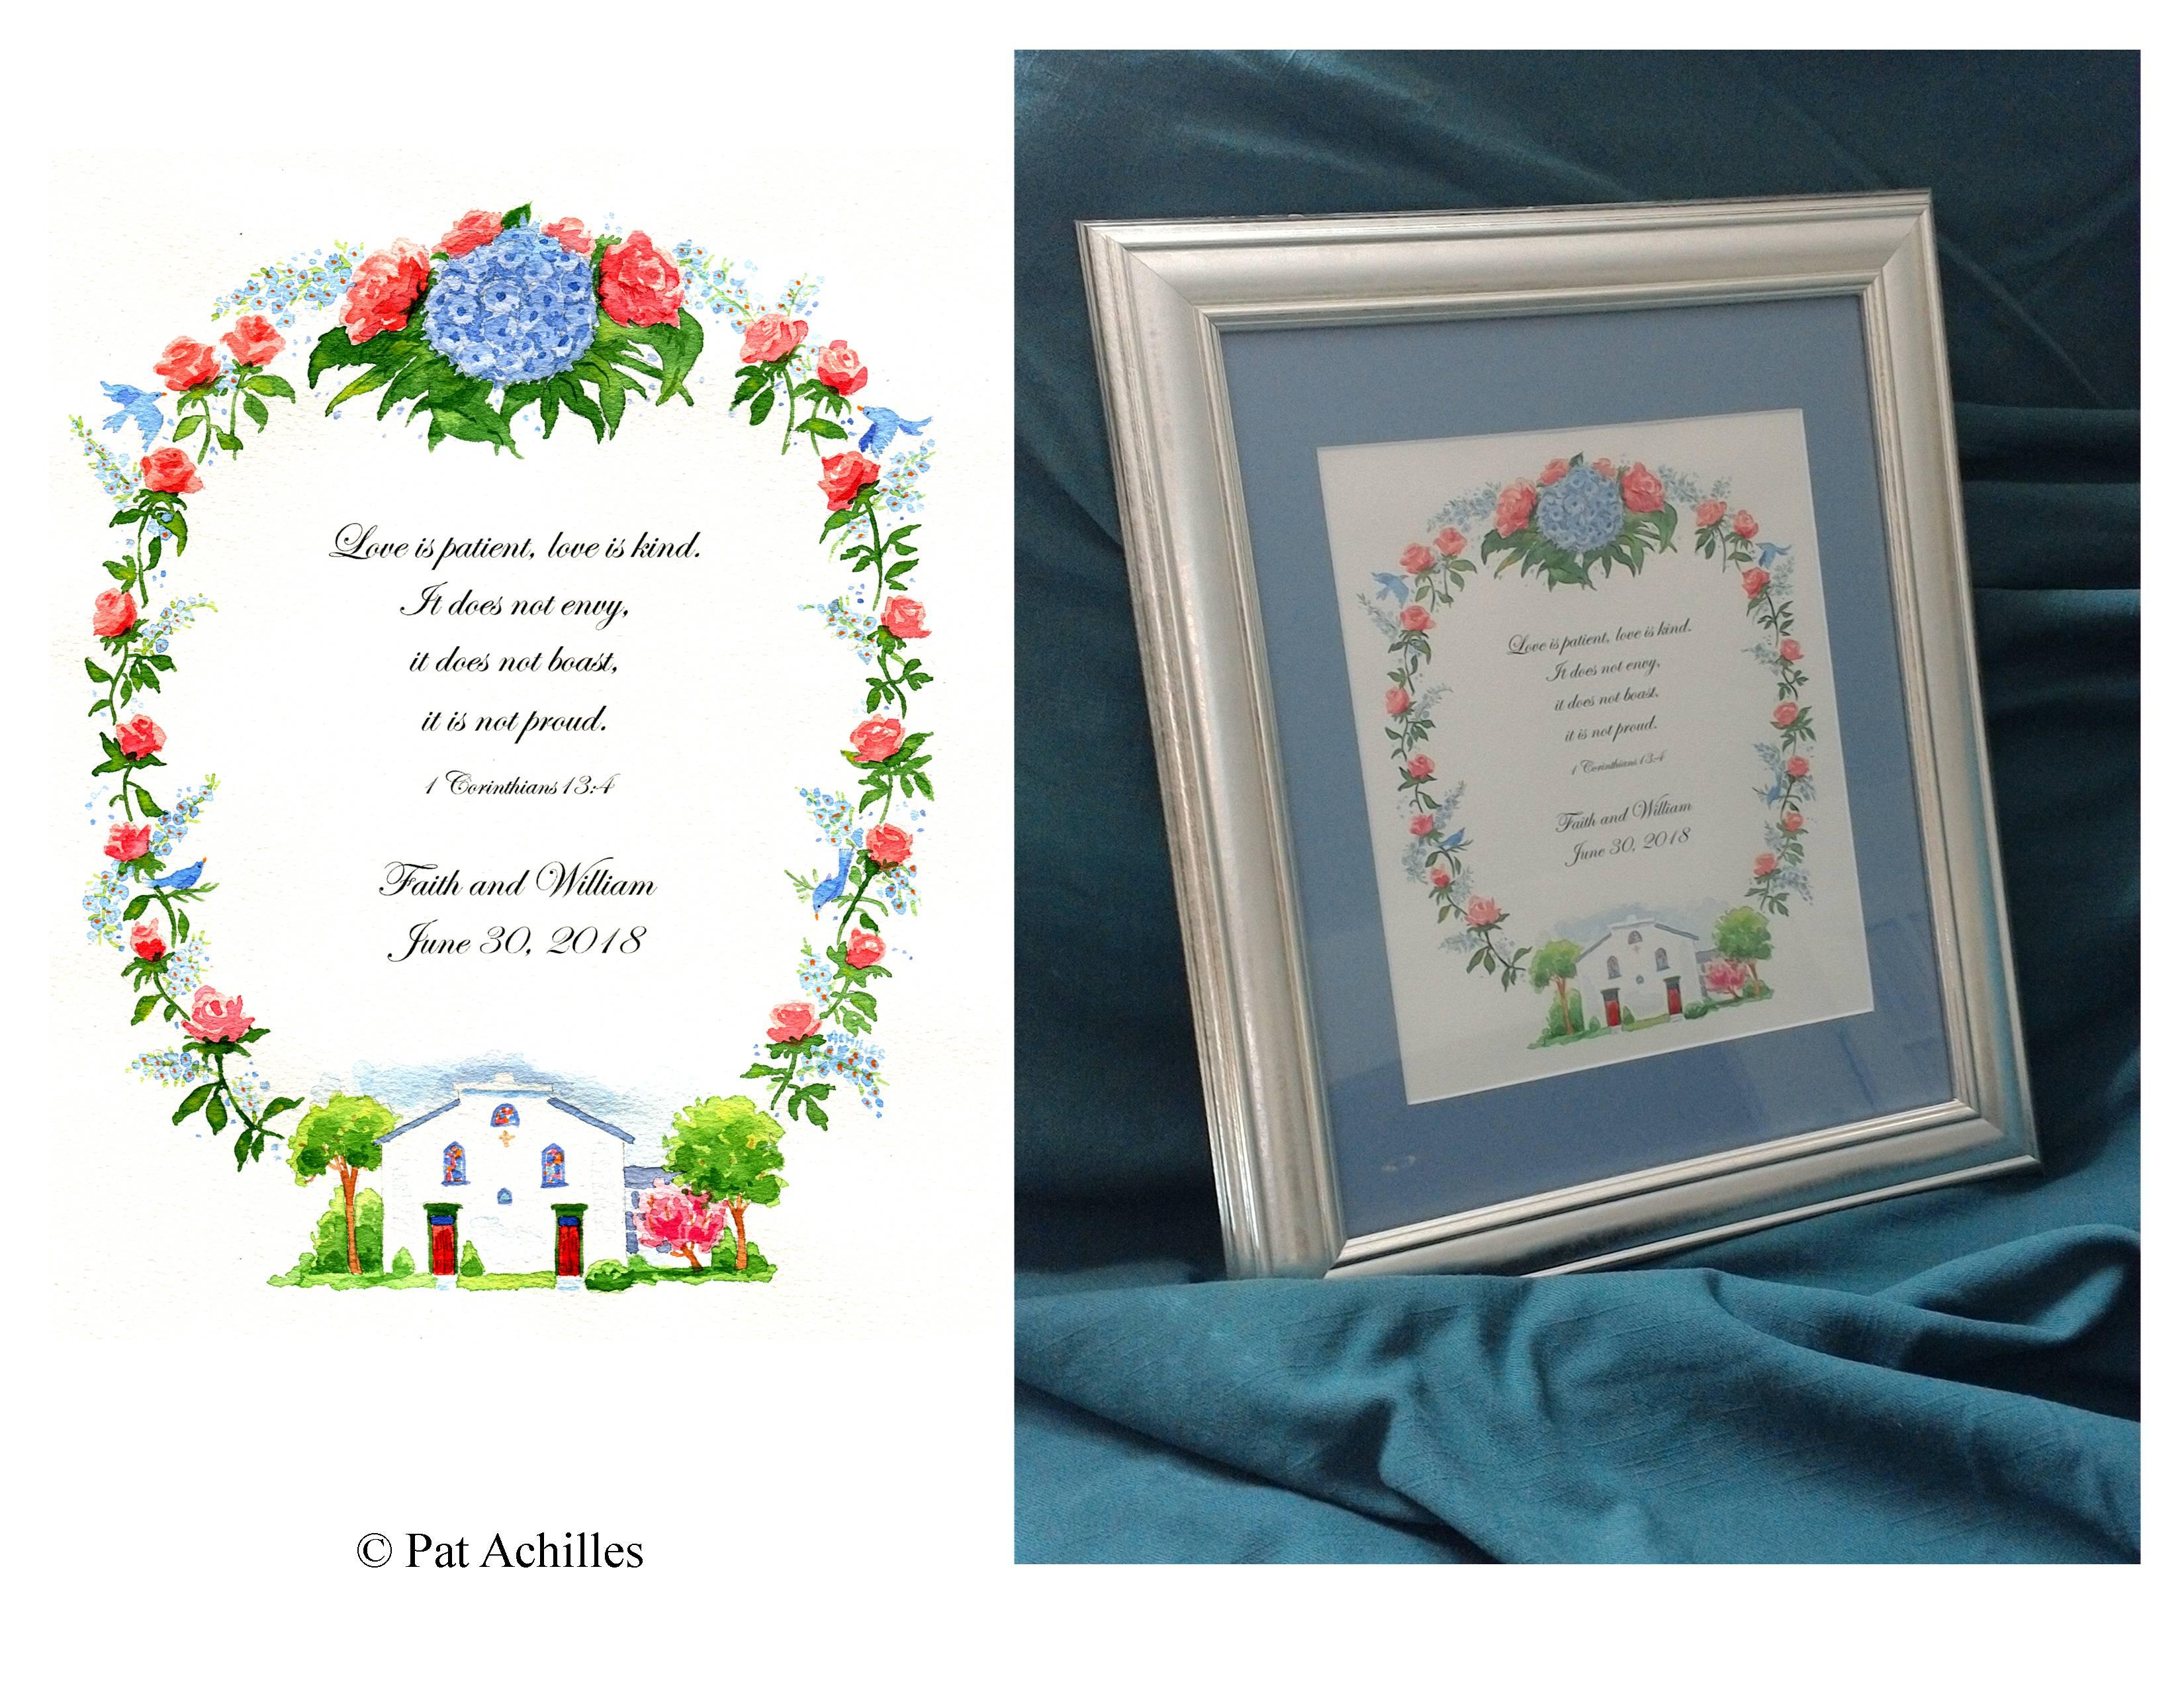 parshall_wedding_scroll